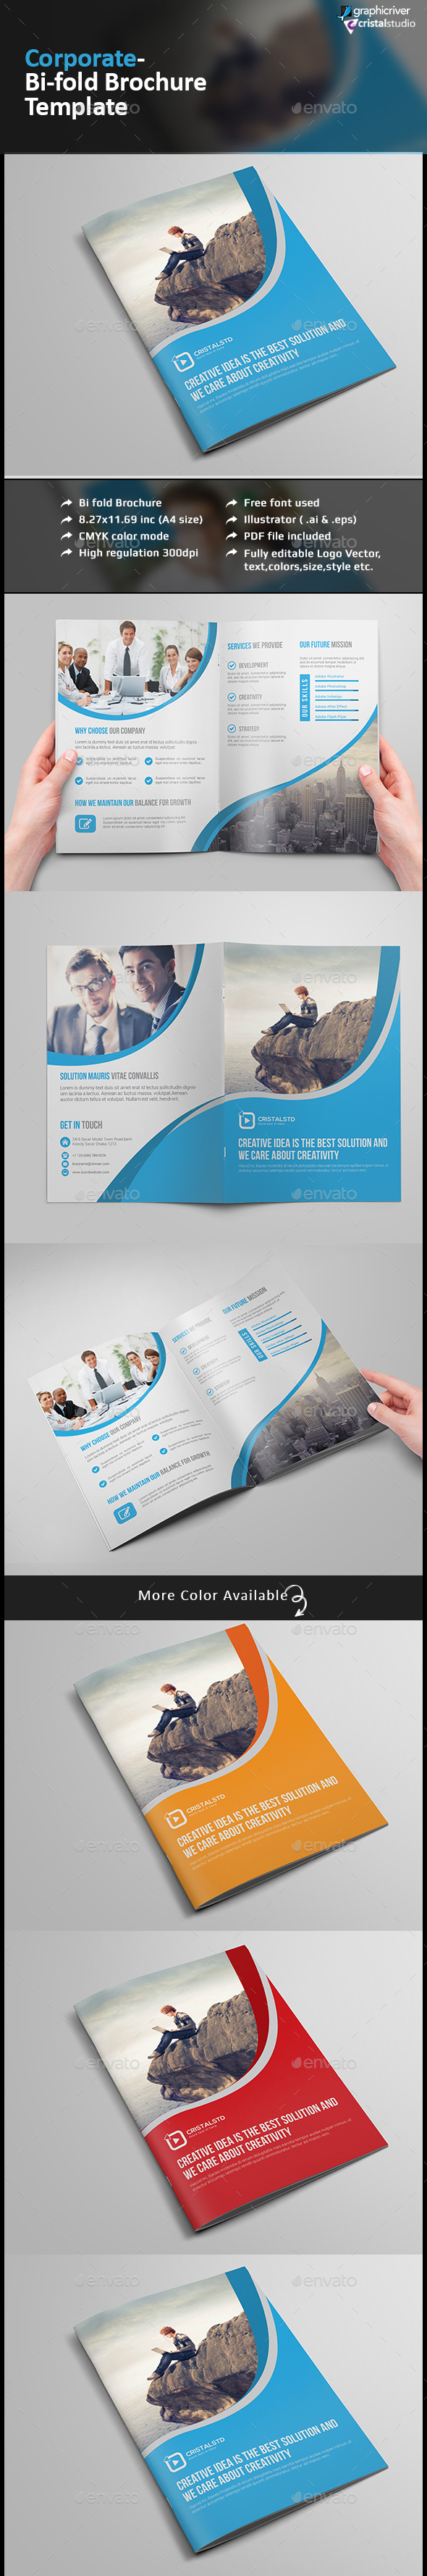 Corporate Bi-fold Brochure-Multipurpose - Corporate Brochures